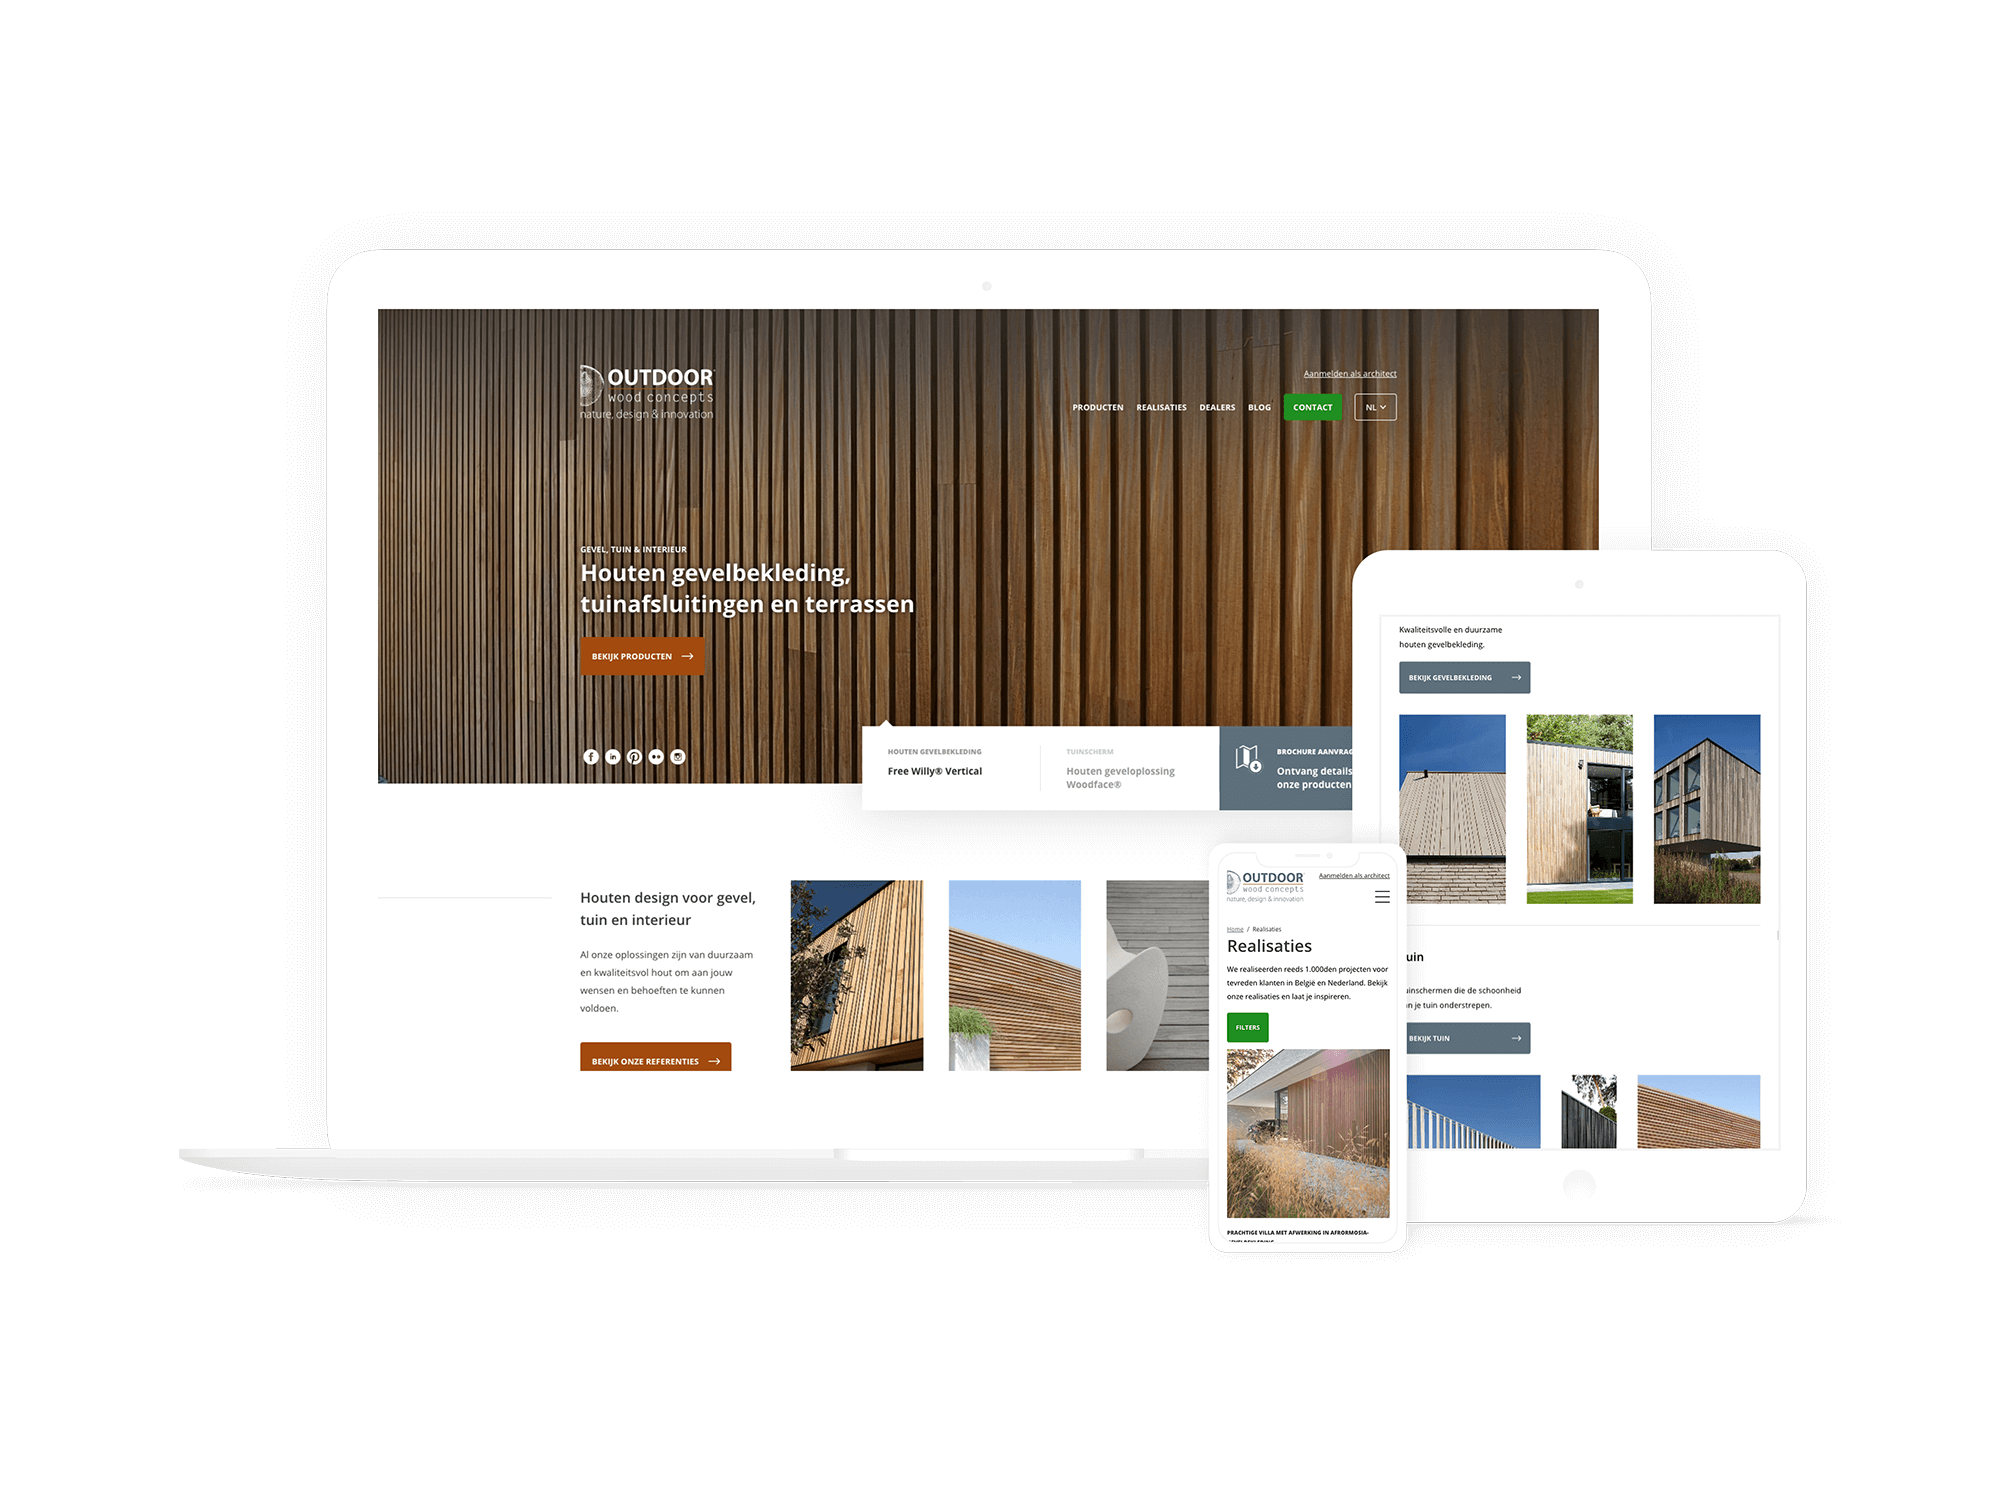 Outdoor Wood Concepts - UXMen Case